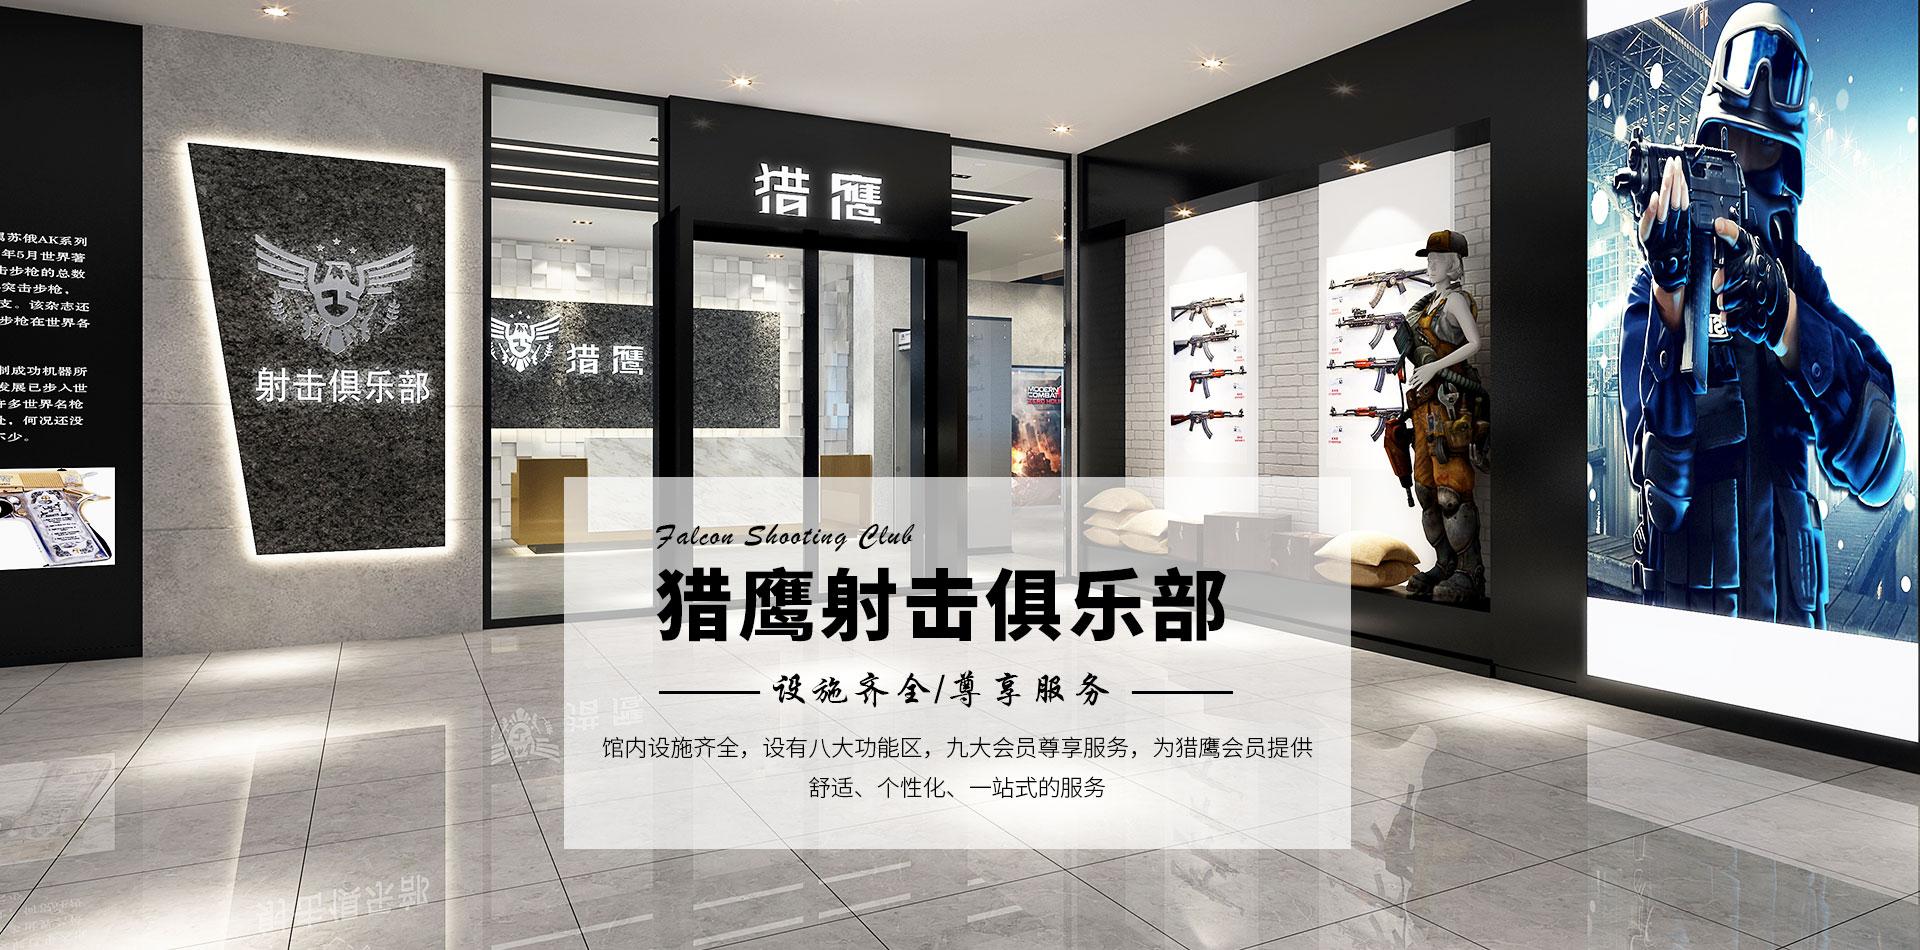 杭州猎鹰射击有限公司